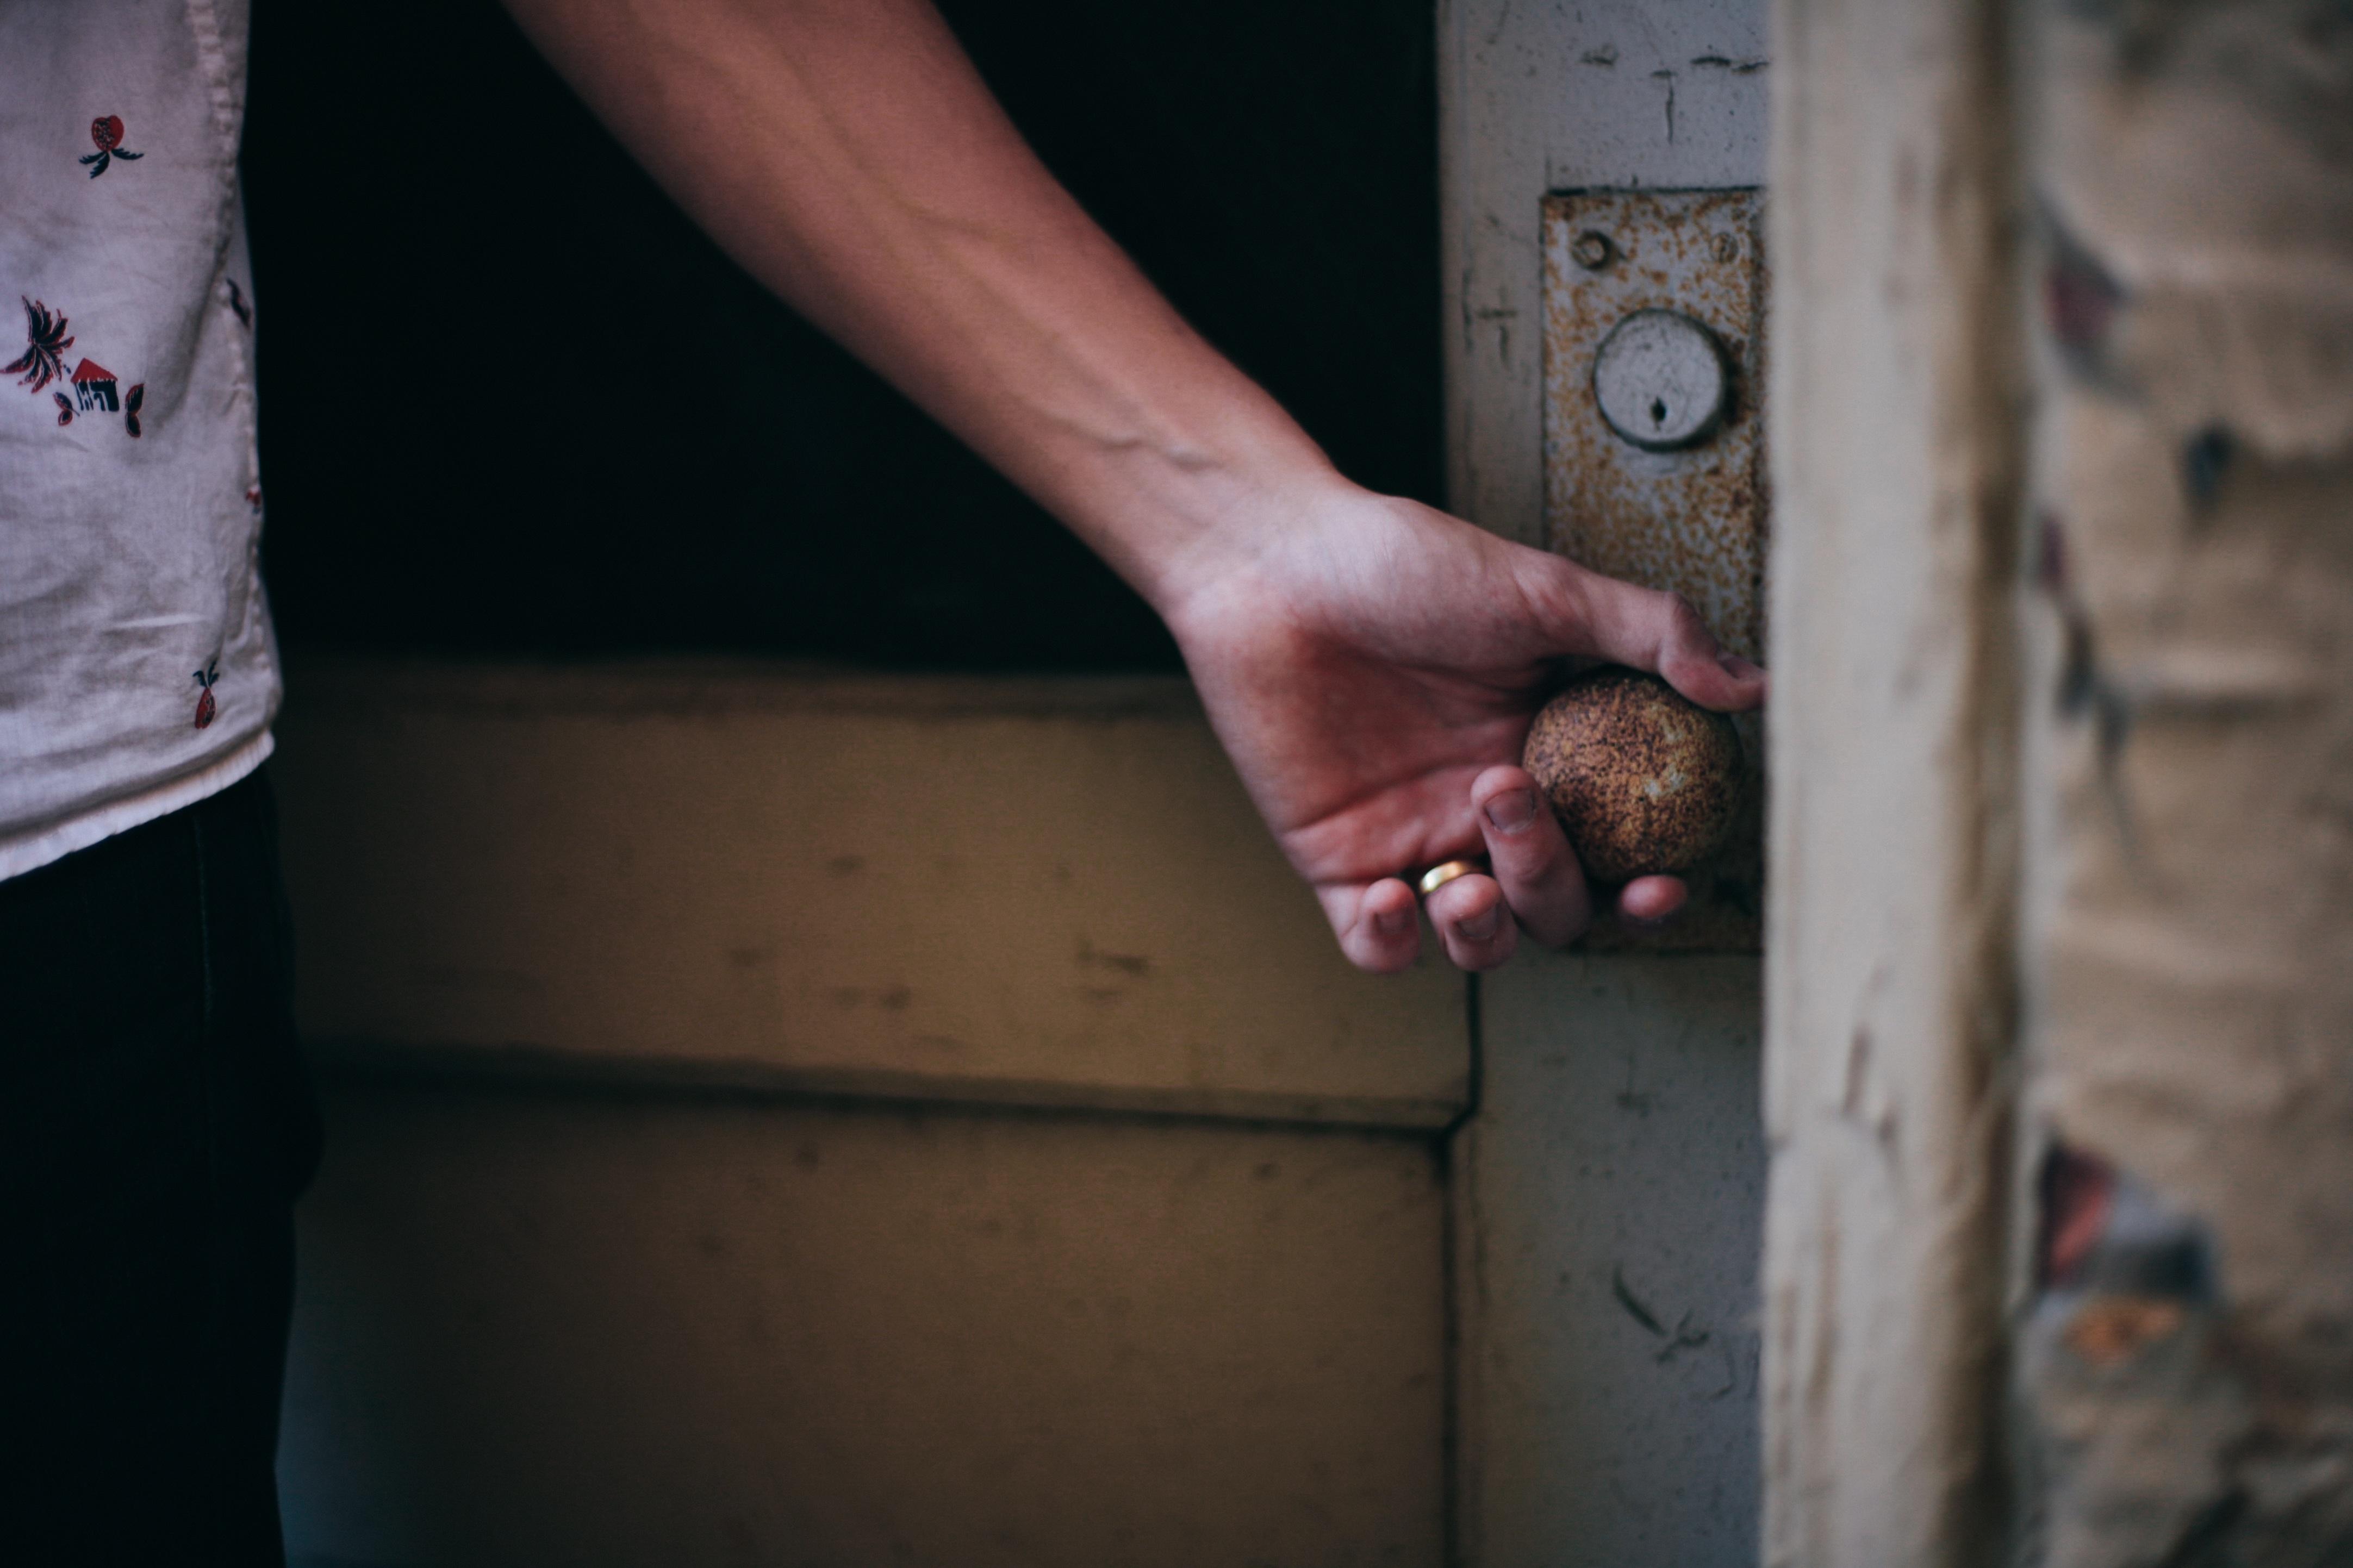 Zdjęcie przedstawiające osobę otwierającą mocno zdewastowane drzwi